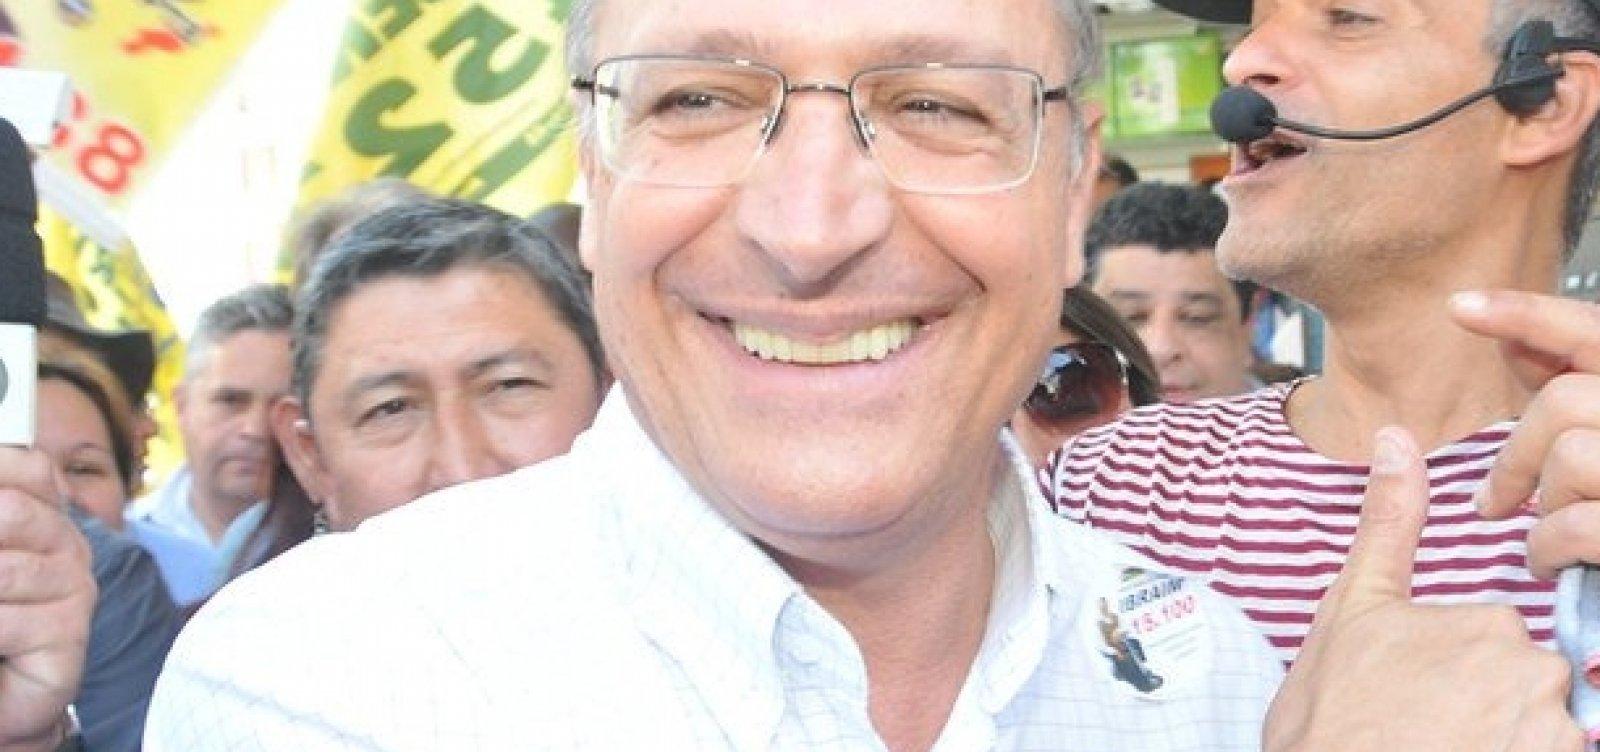 ['Vemos no Brasil um clima de ódio', diz Alckmin]